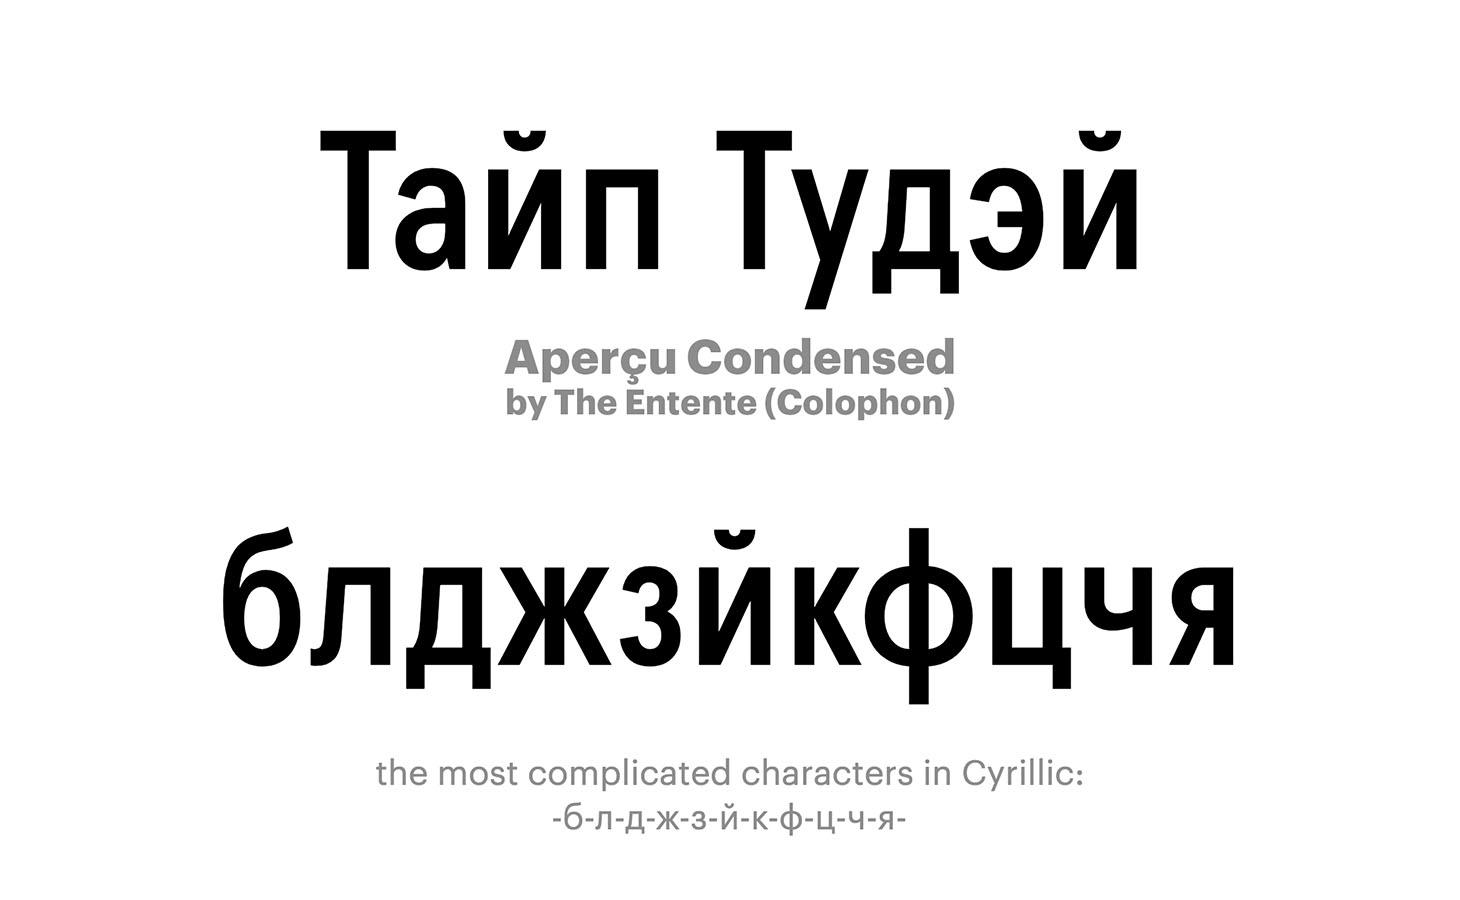 Apercu-Condensed